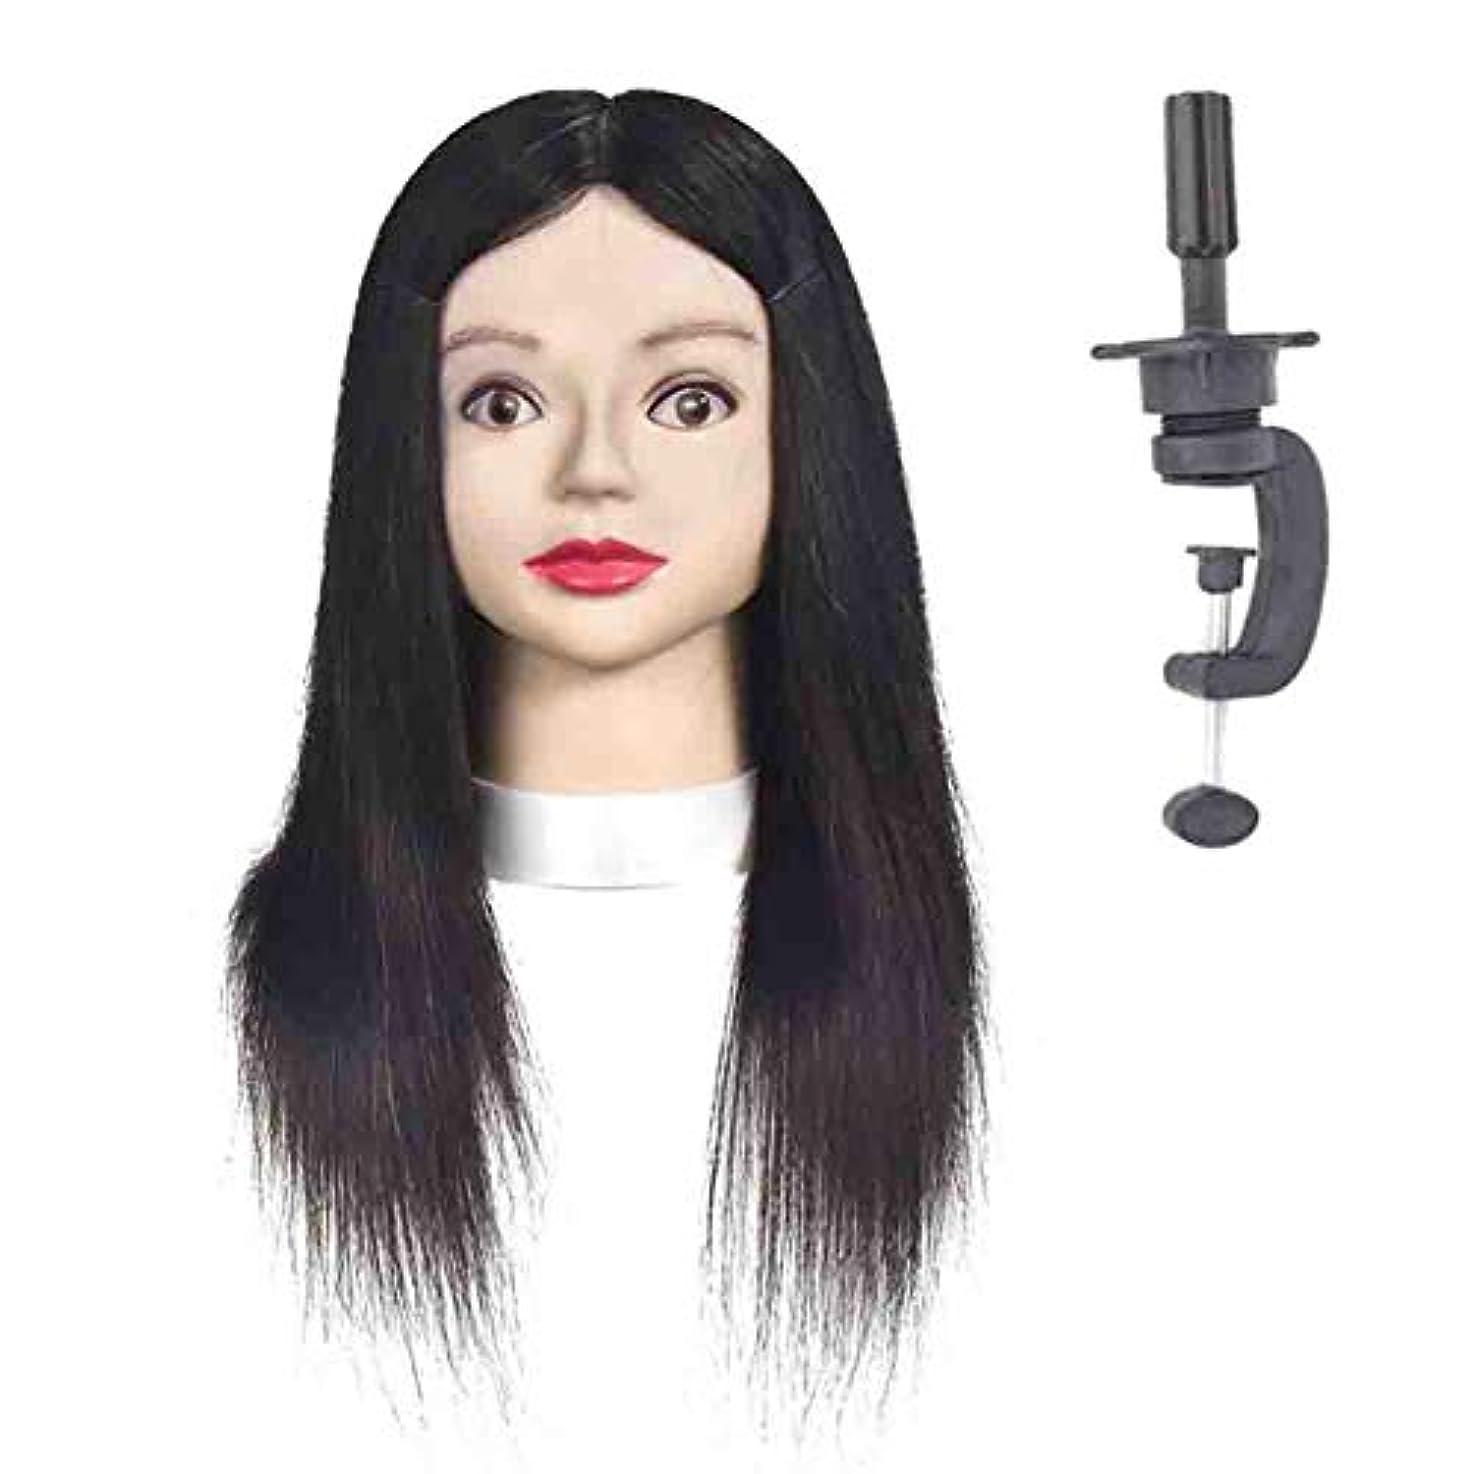 無秩序かけがえのないオートリアルヘアシルク編組ヘアスタイリングヘッドモデル理髪店理髪ダミーヘッドメイクアップ練習マネキンヘッド